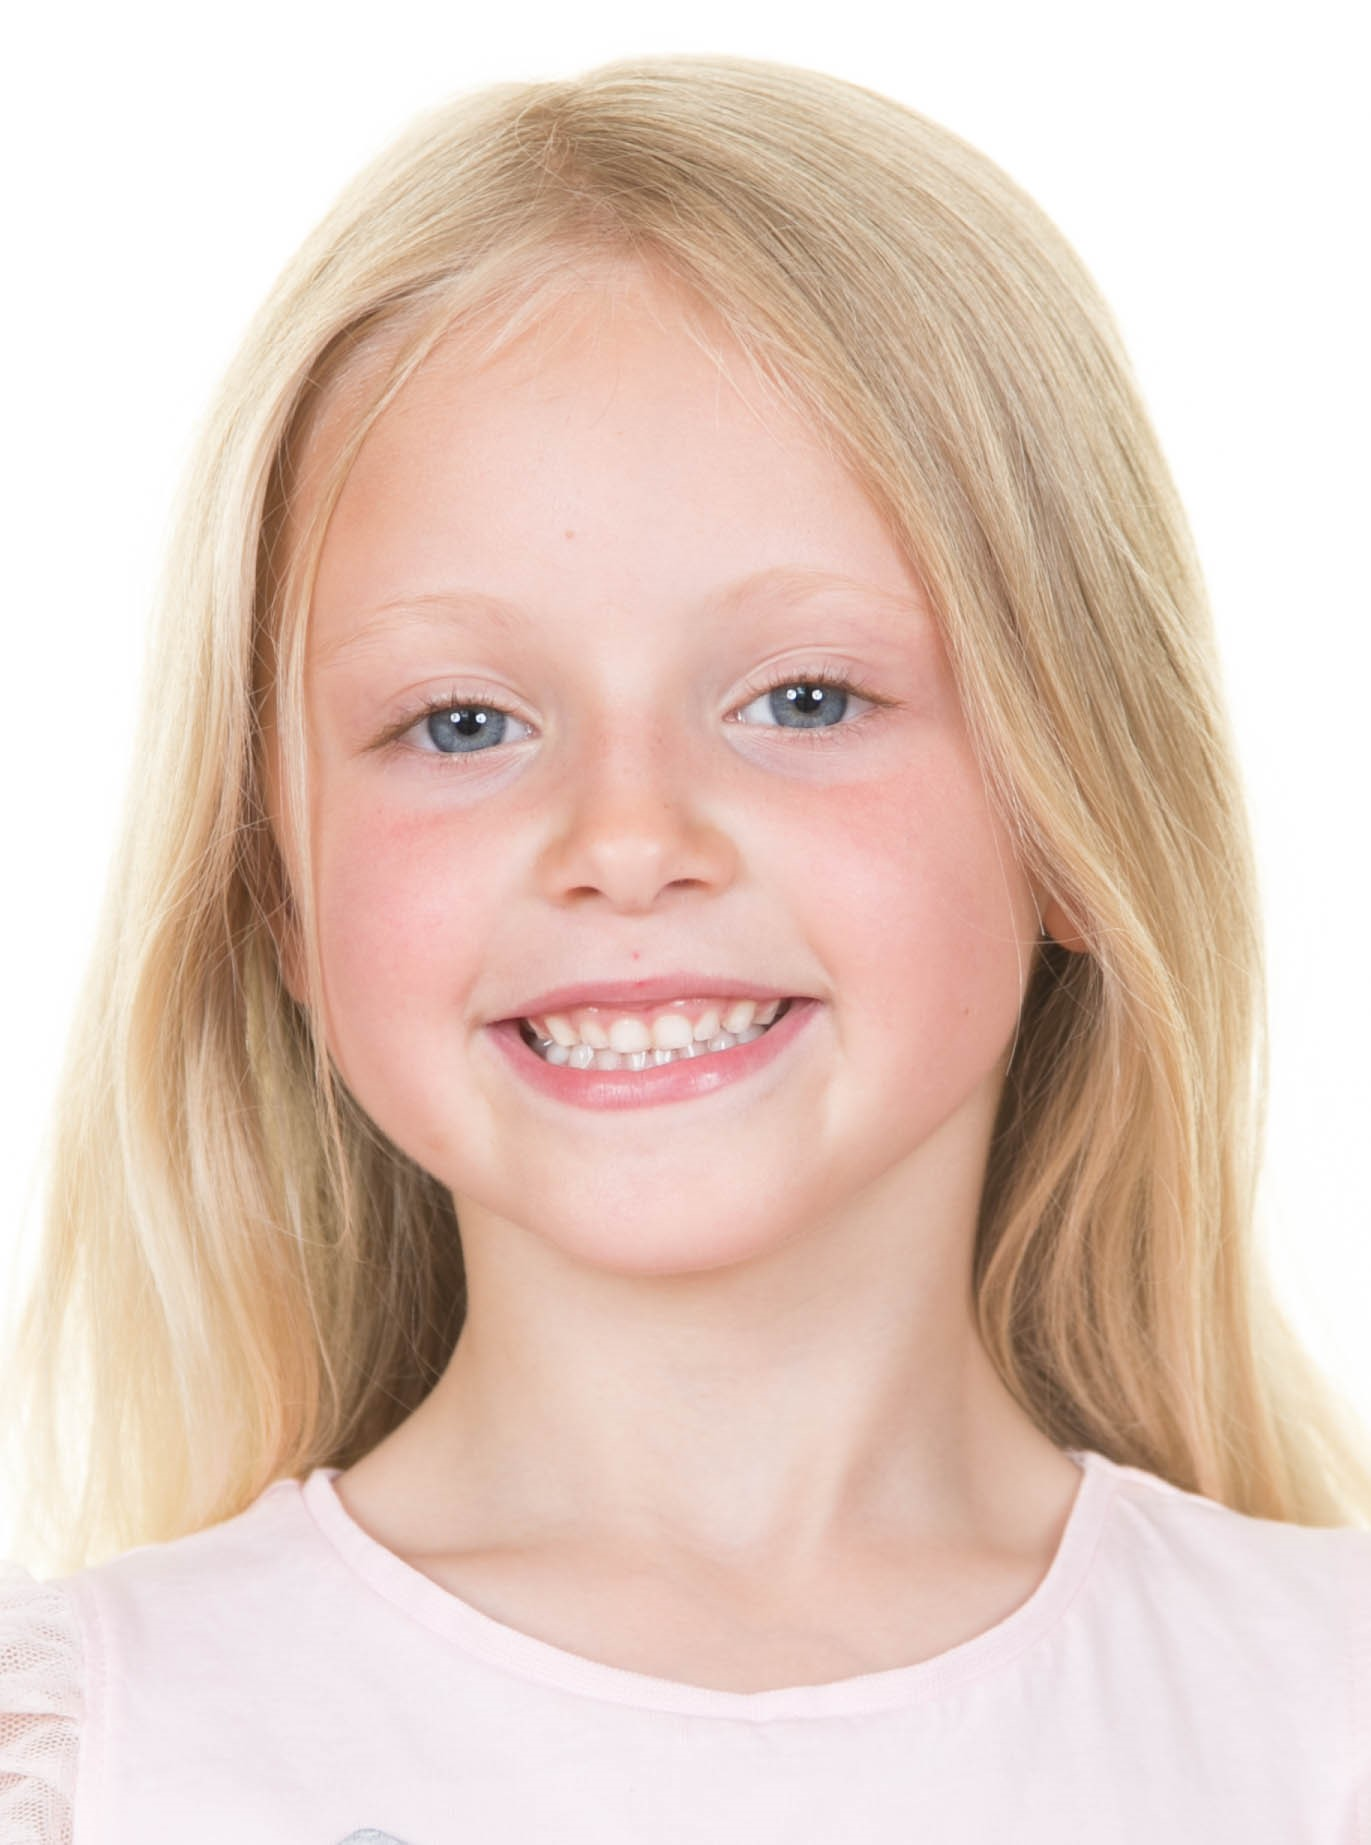 Lillie Stocker